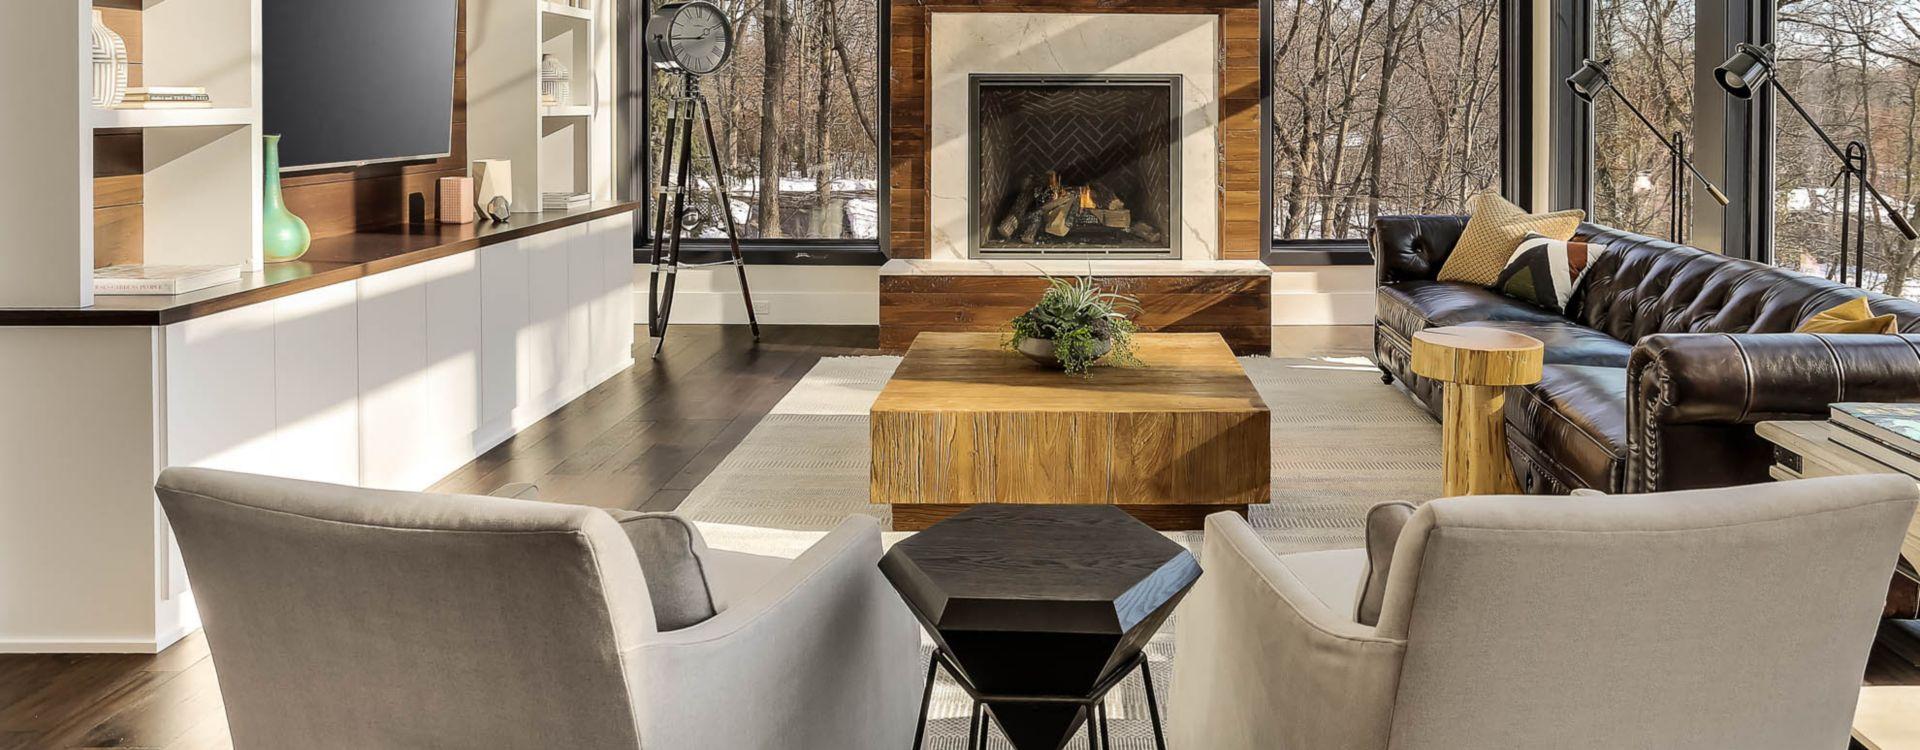 living room tiles.